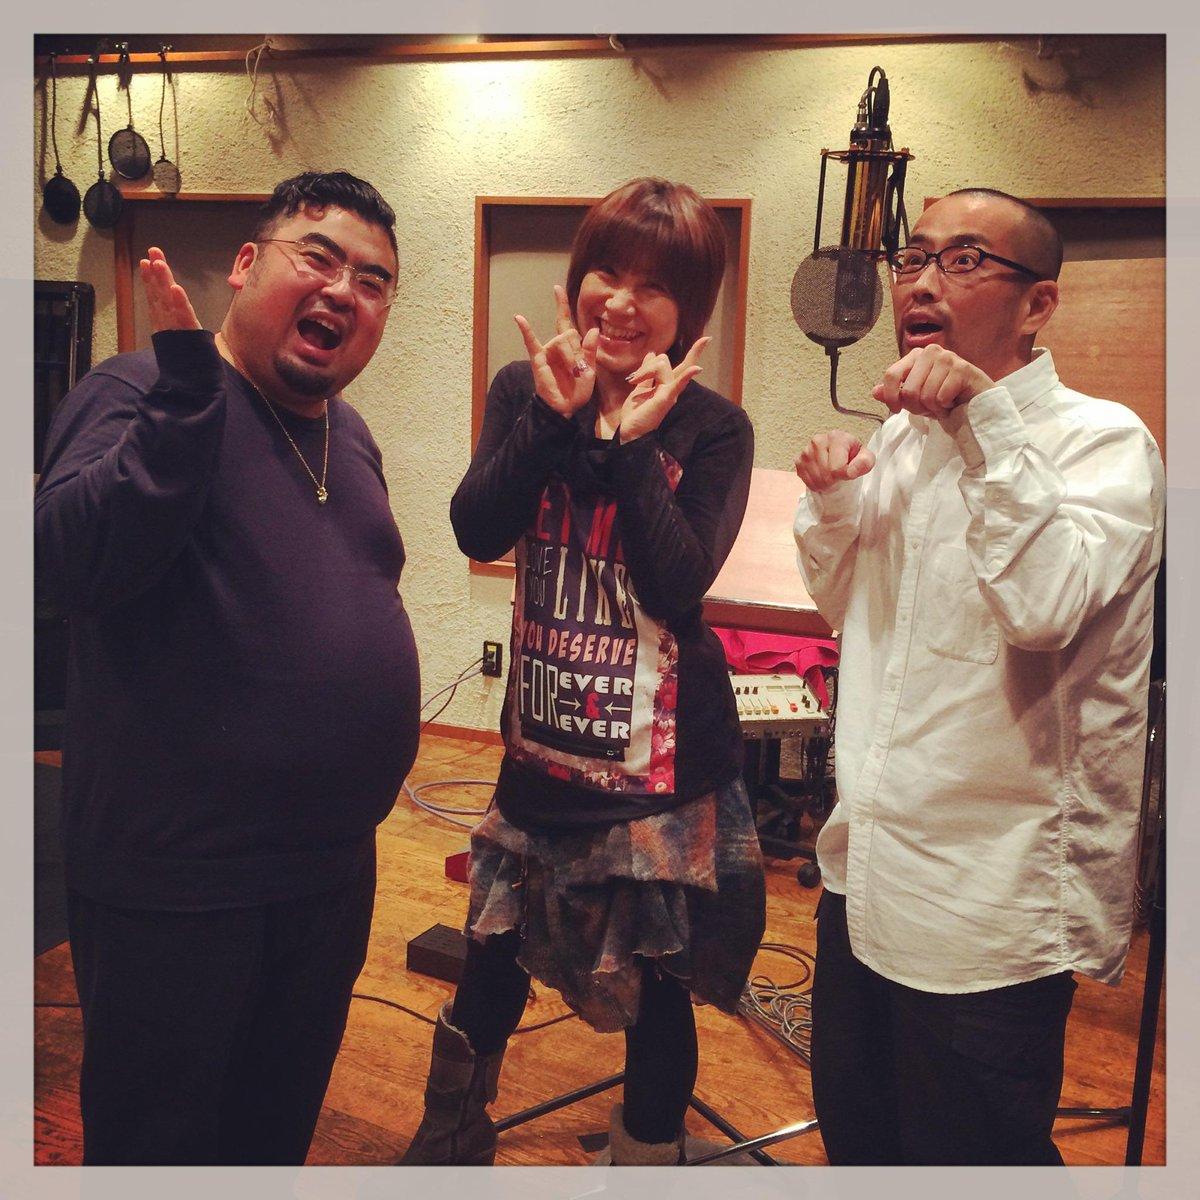 今日は来月プレミア公開予定の映画「生まれ変わりの村」の主題歌レコーディング。歌い手は超素敵な歌姫、松本梨香さん! @rica_matsumoto3 盟友きくっちゃん @kickchi_yu と共に歌声に酔いしれました。 http://t.co/HRexYkhDUb